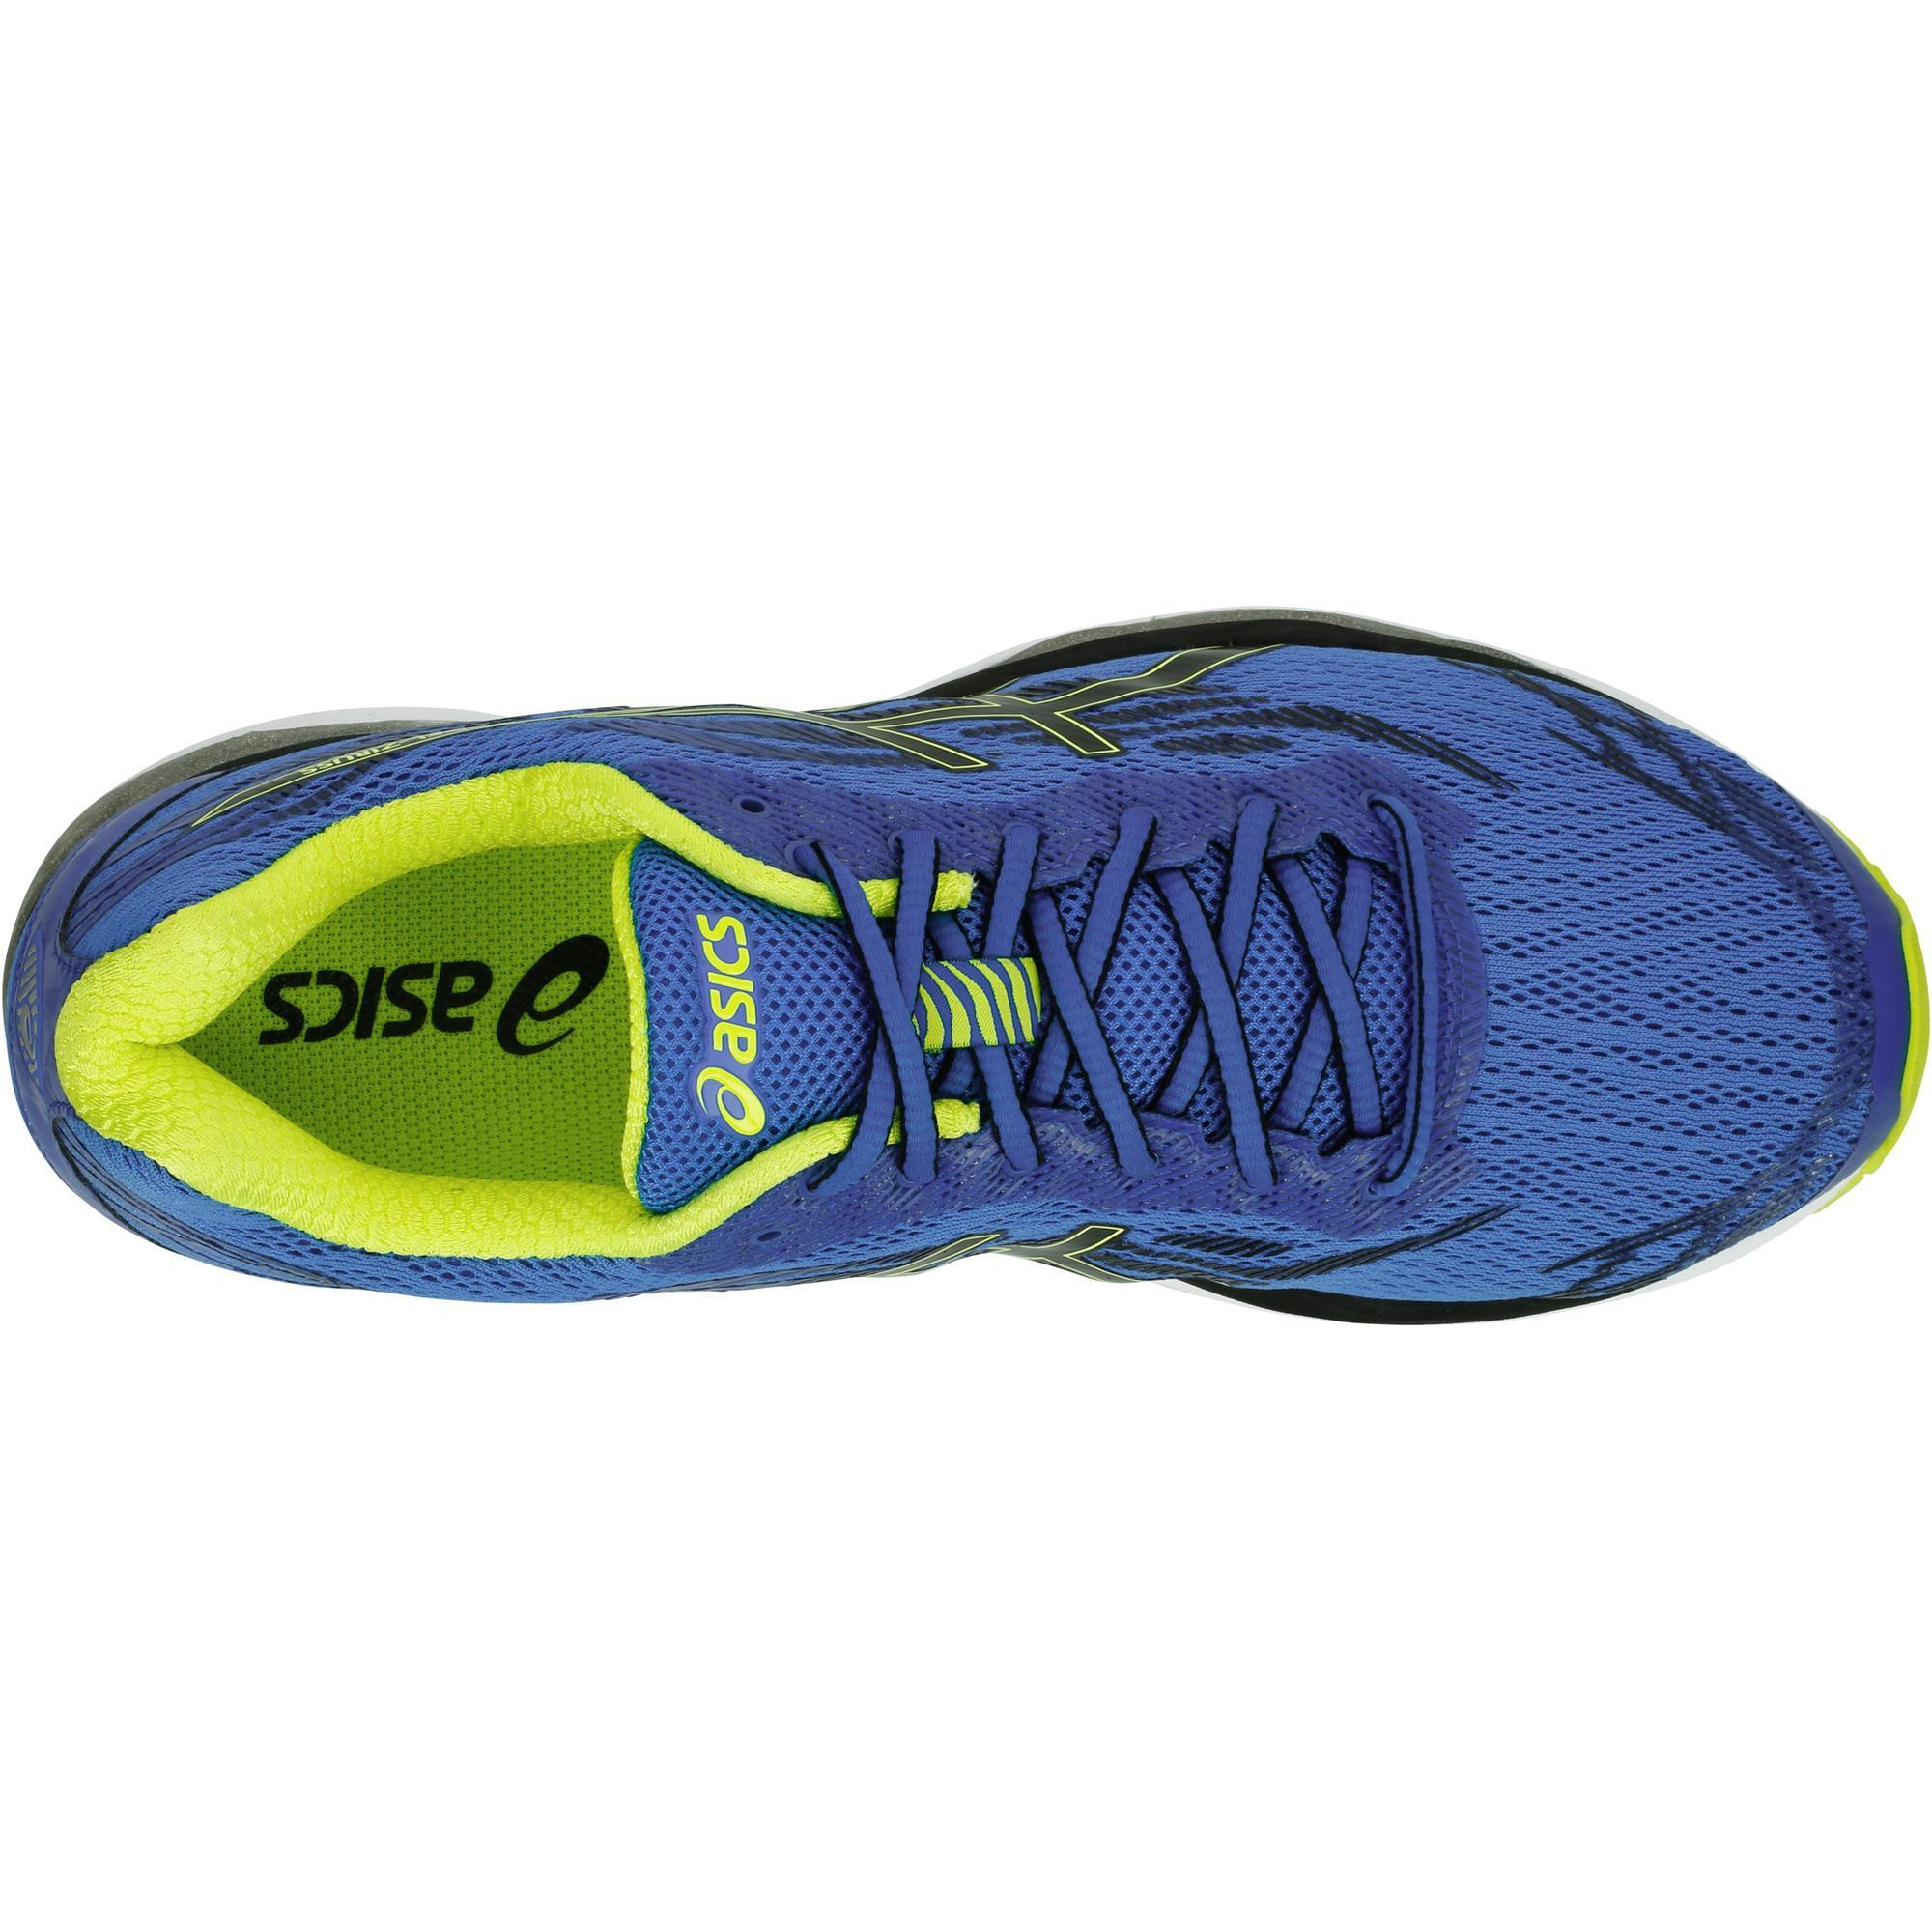 buy popular e96cd 7f0ad Asics Gel Jaune Running Ziruss Decathlon Chaussures Bleu Homme RRwAqrUxT